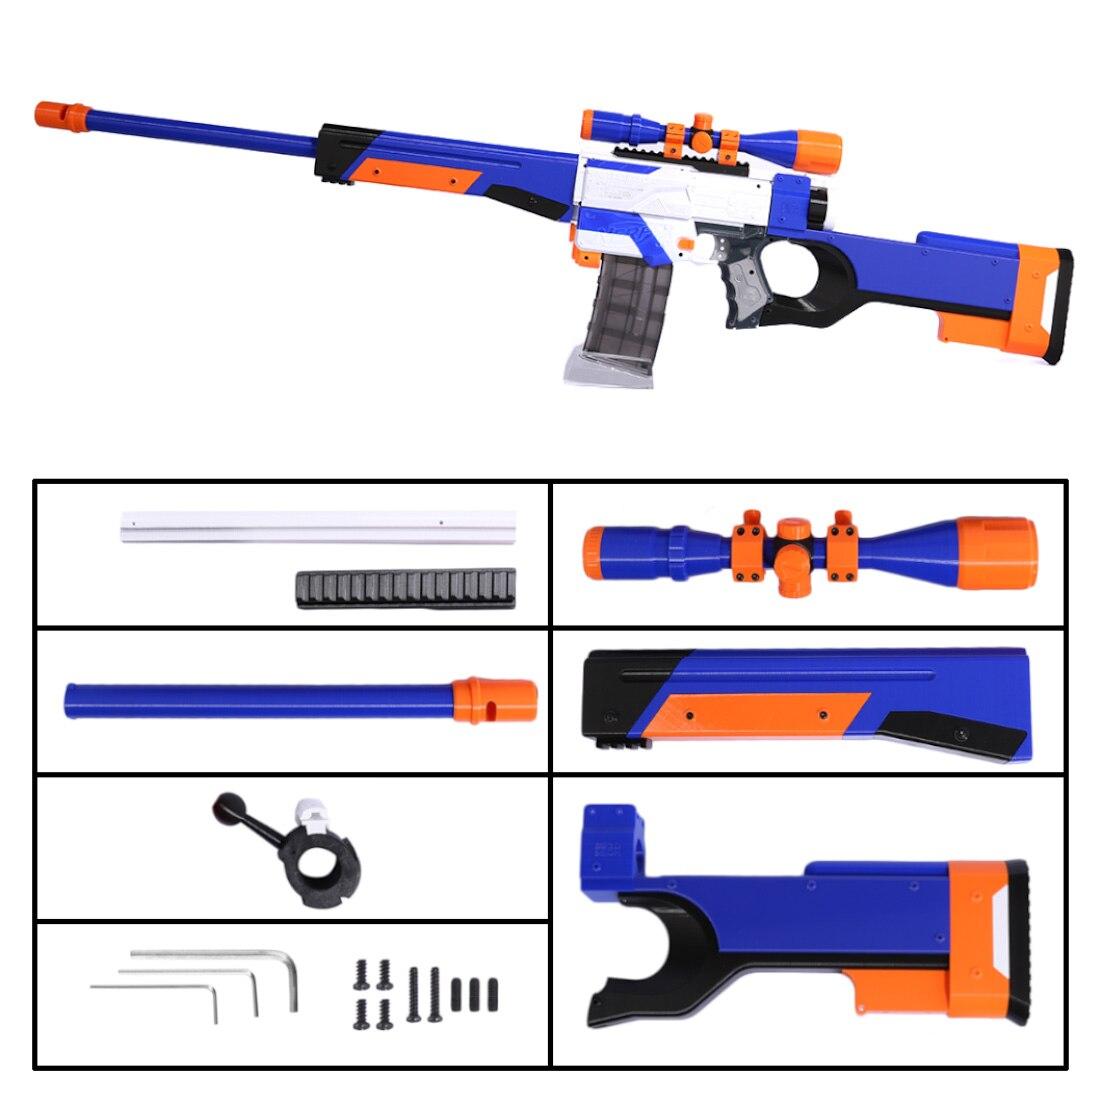 Tactique souris spéciale jeu vidéo Pistolet 3D Impression Apparence Modification Kit pour Nerf Retaliator Blasters Accessoires Composante-Bleu